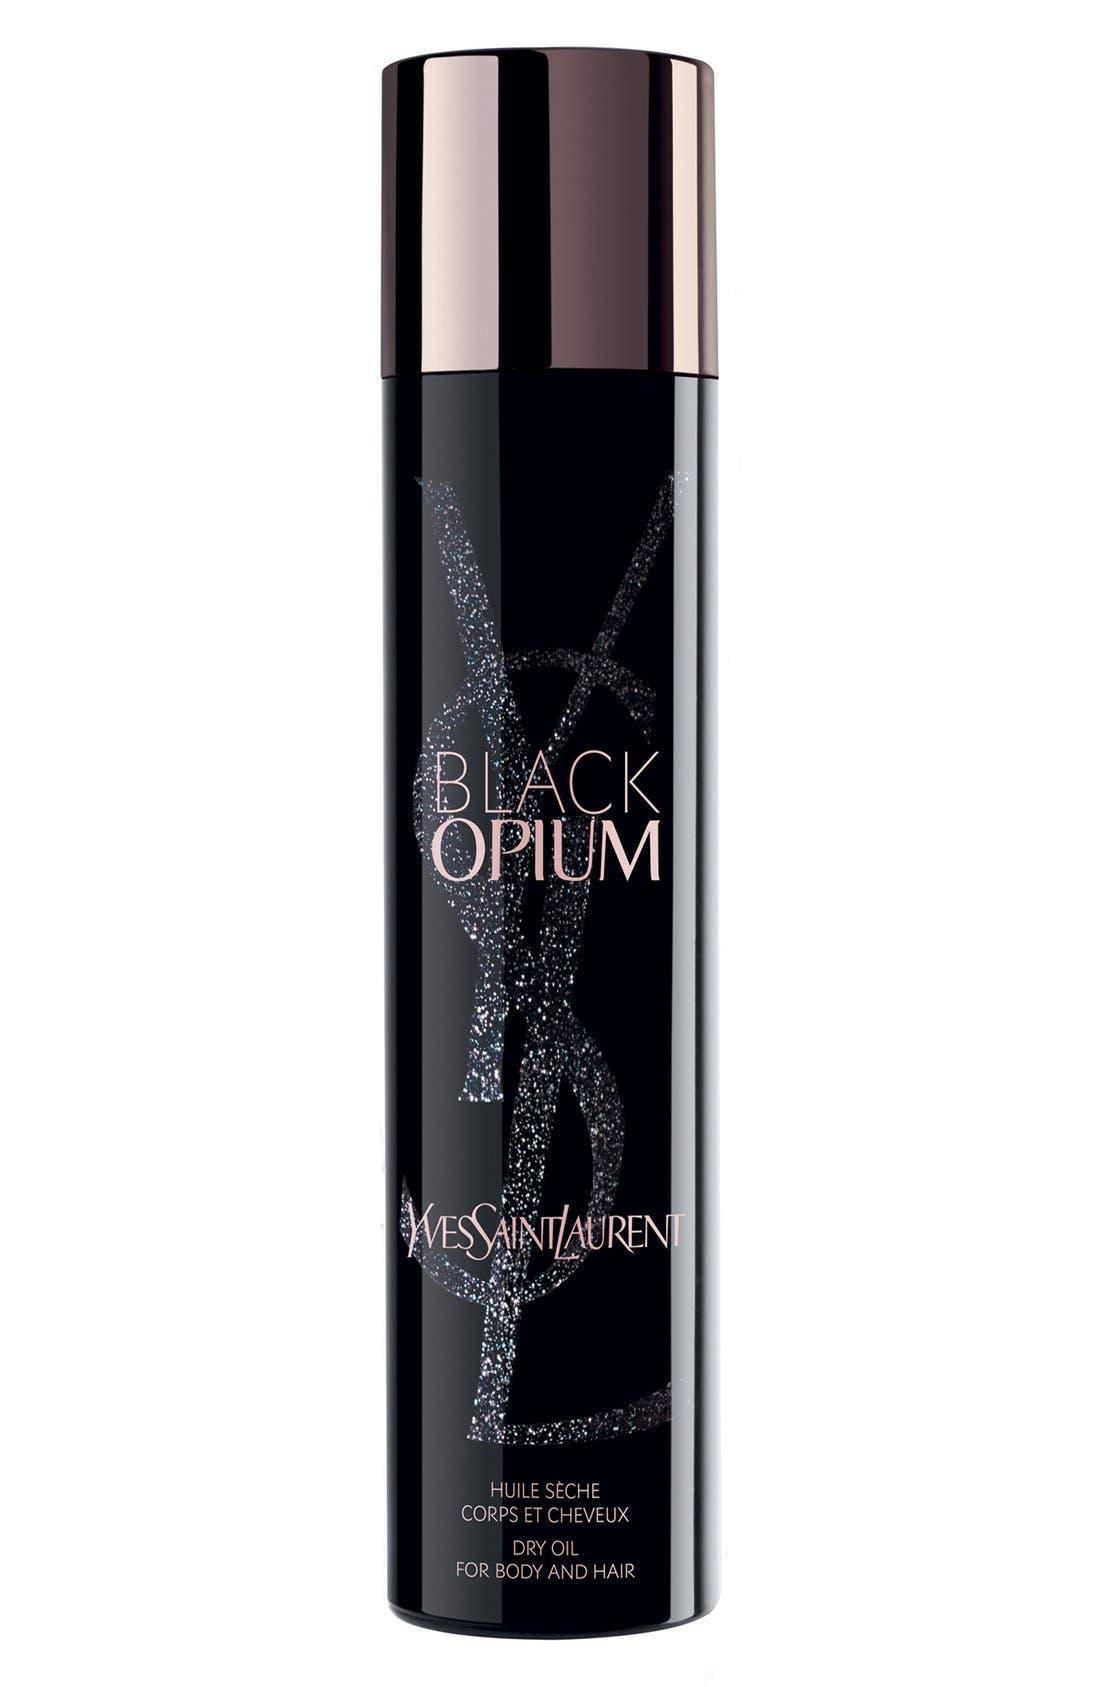 Yves Saint Laurent 'Black Opium' Dry Oil for Body and Hair